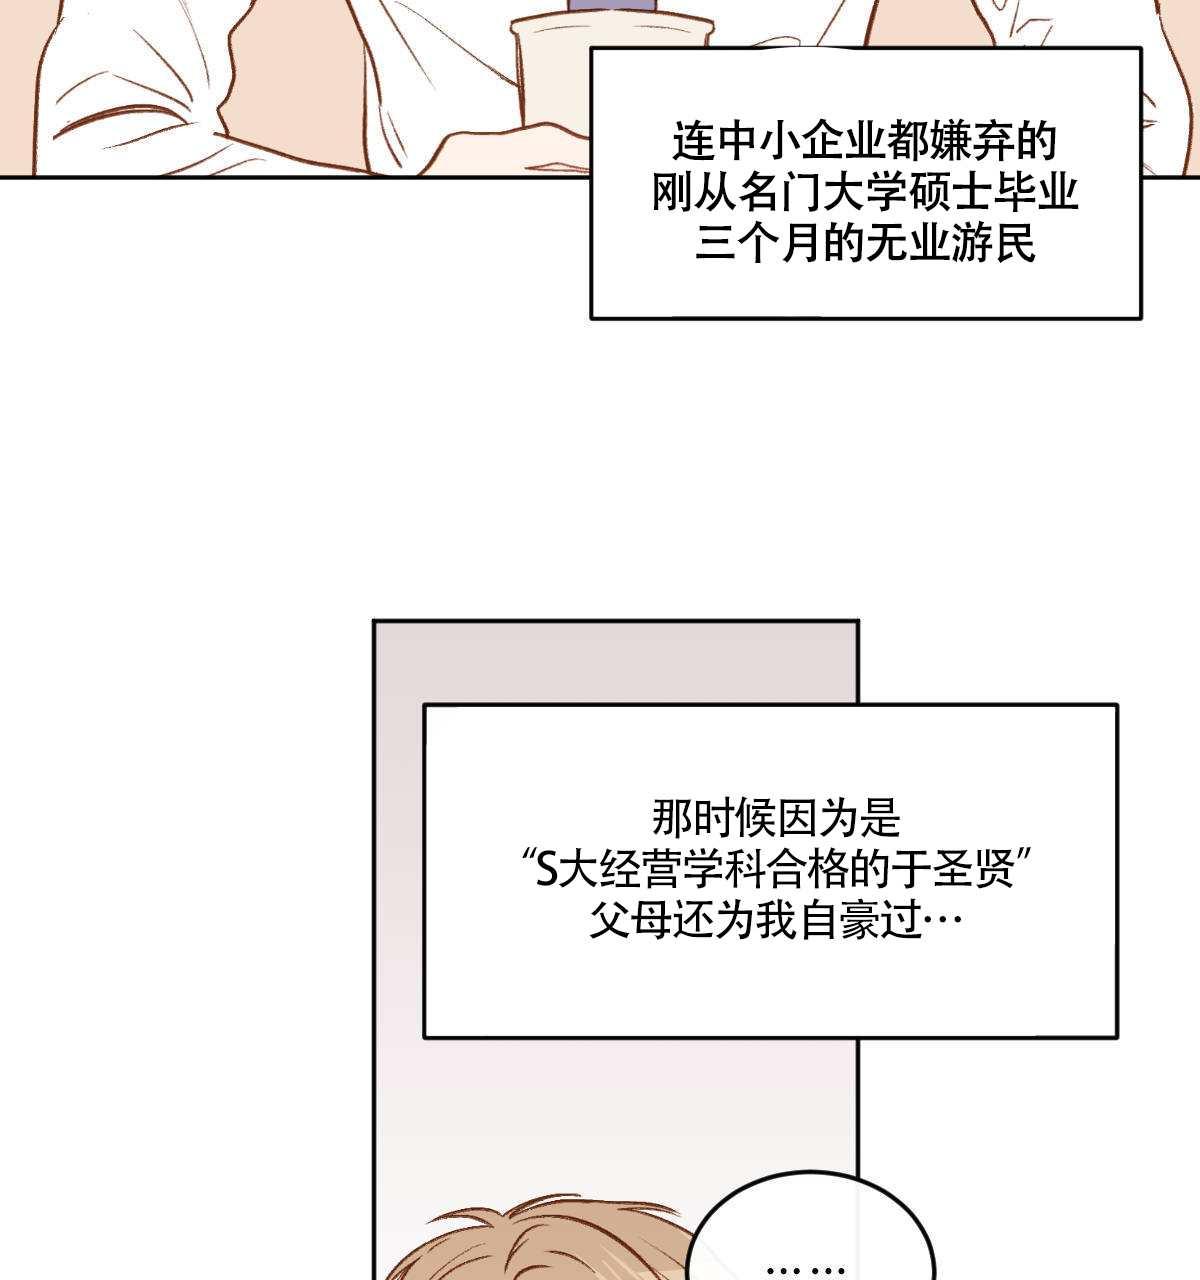 韩漫《新入职员》撩走办公室最可怕的大魔王!  第29张